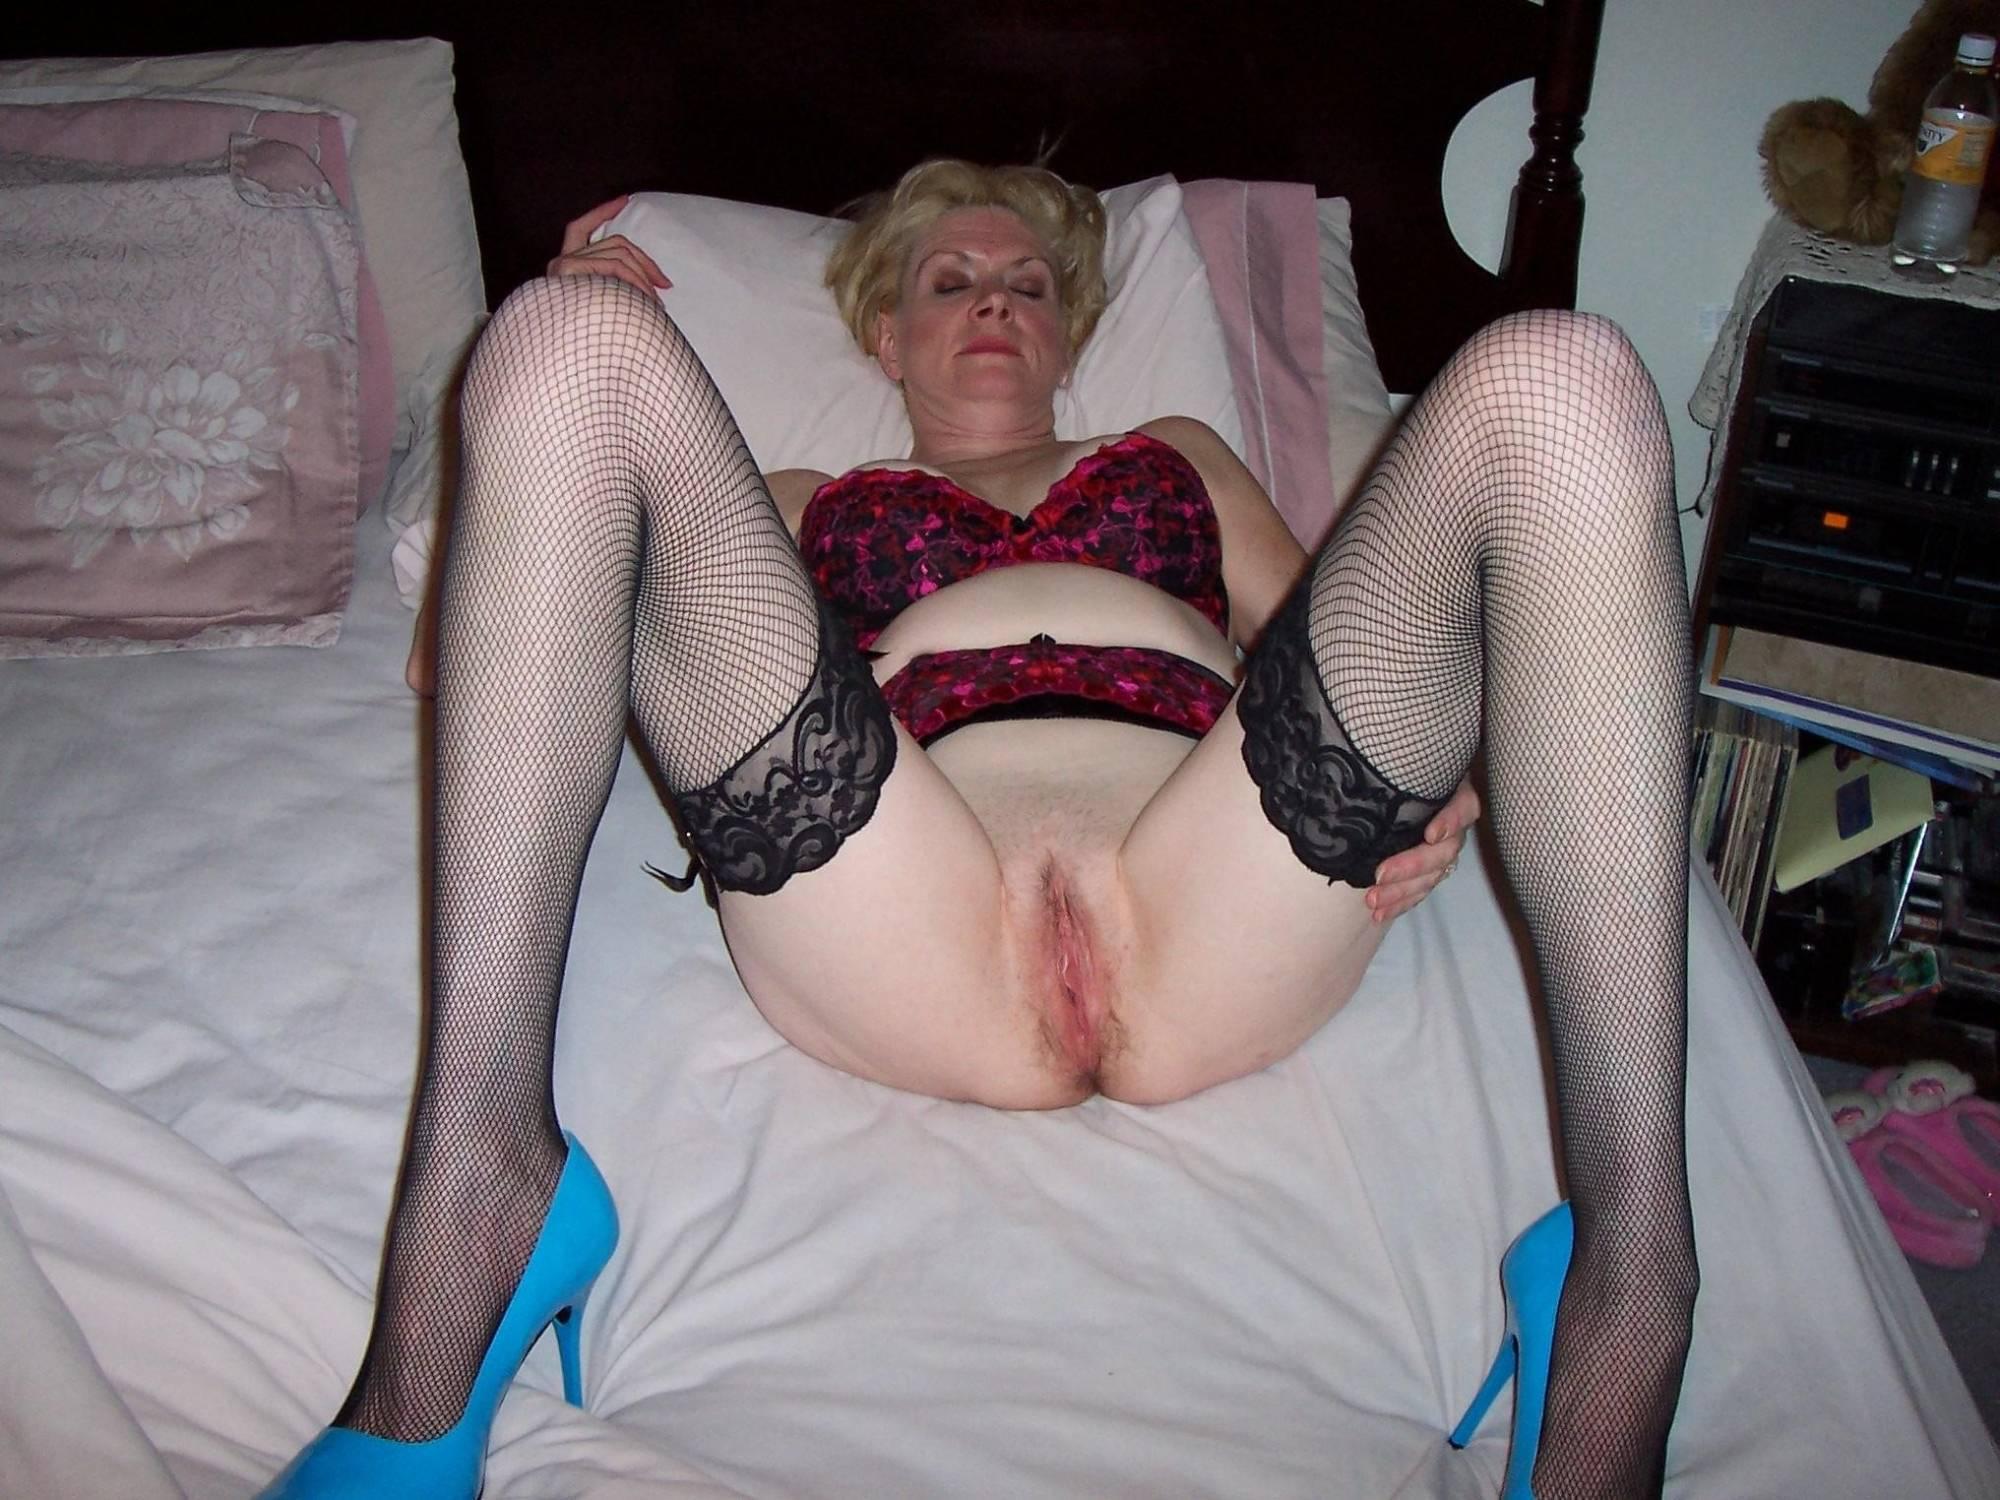 Granny slut gets naked